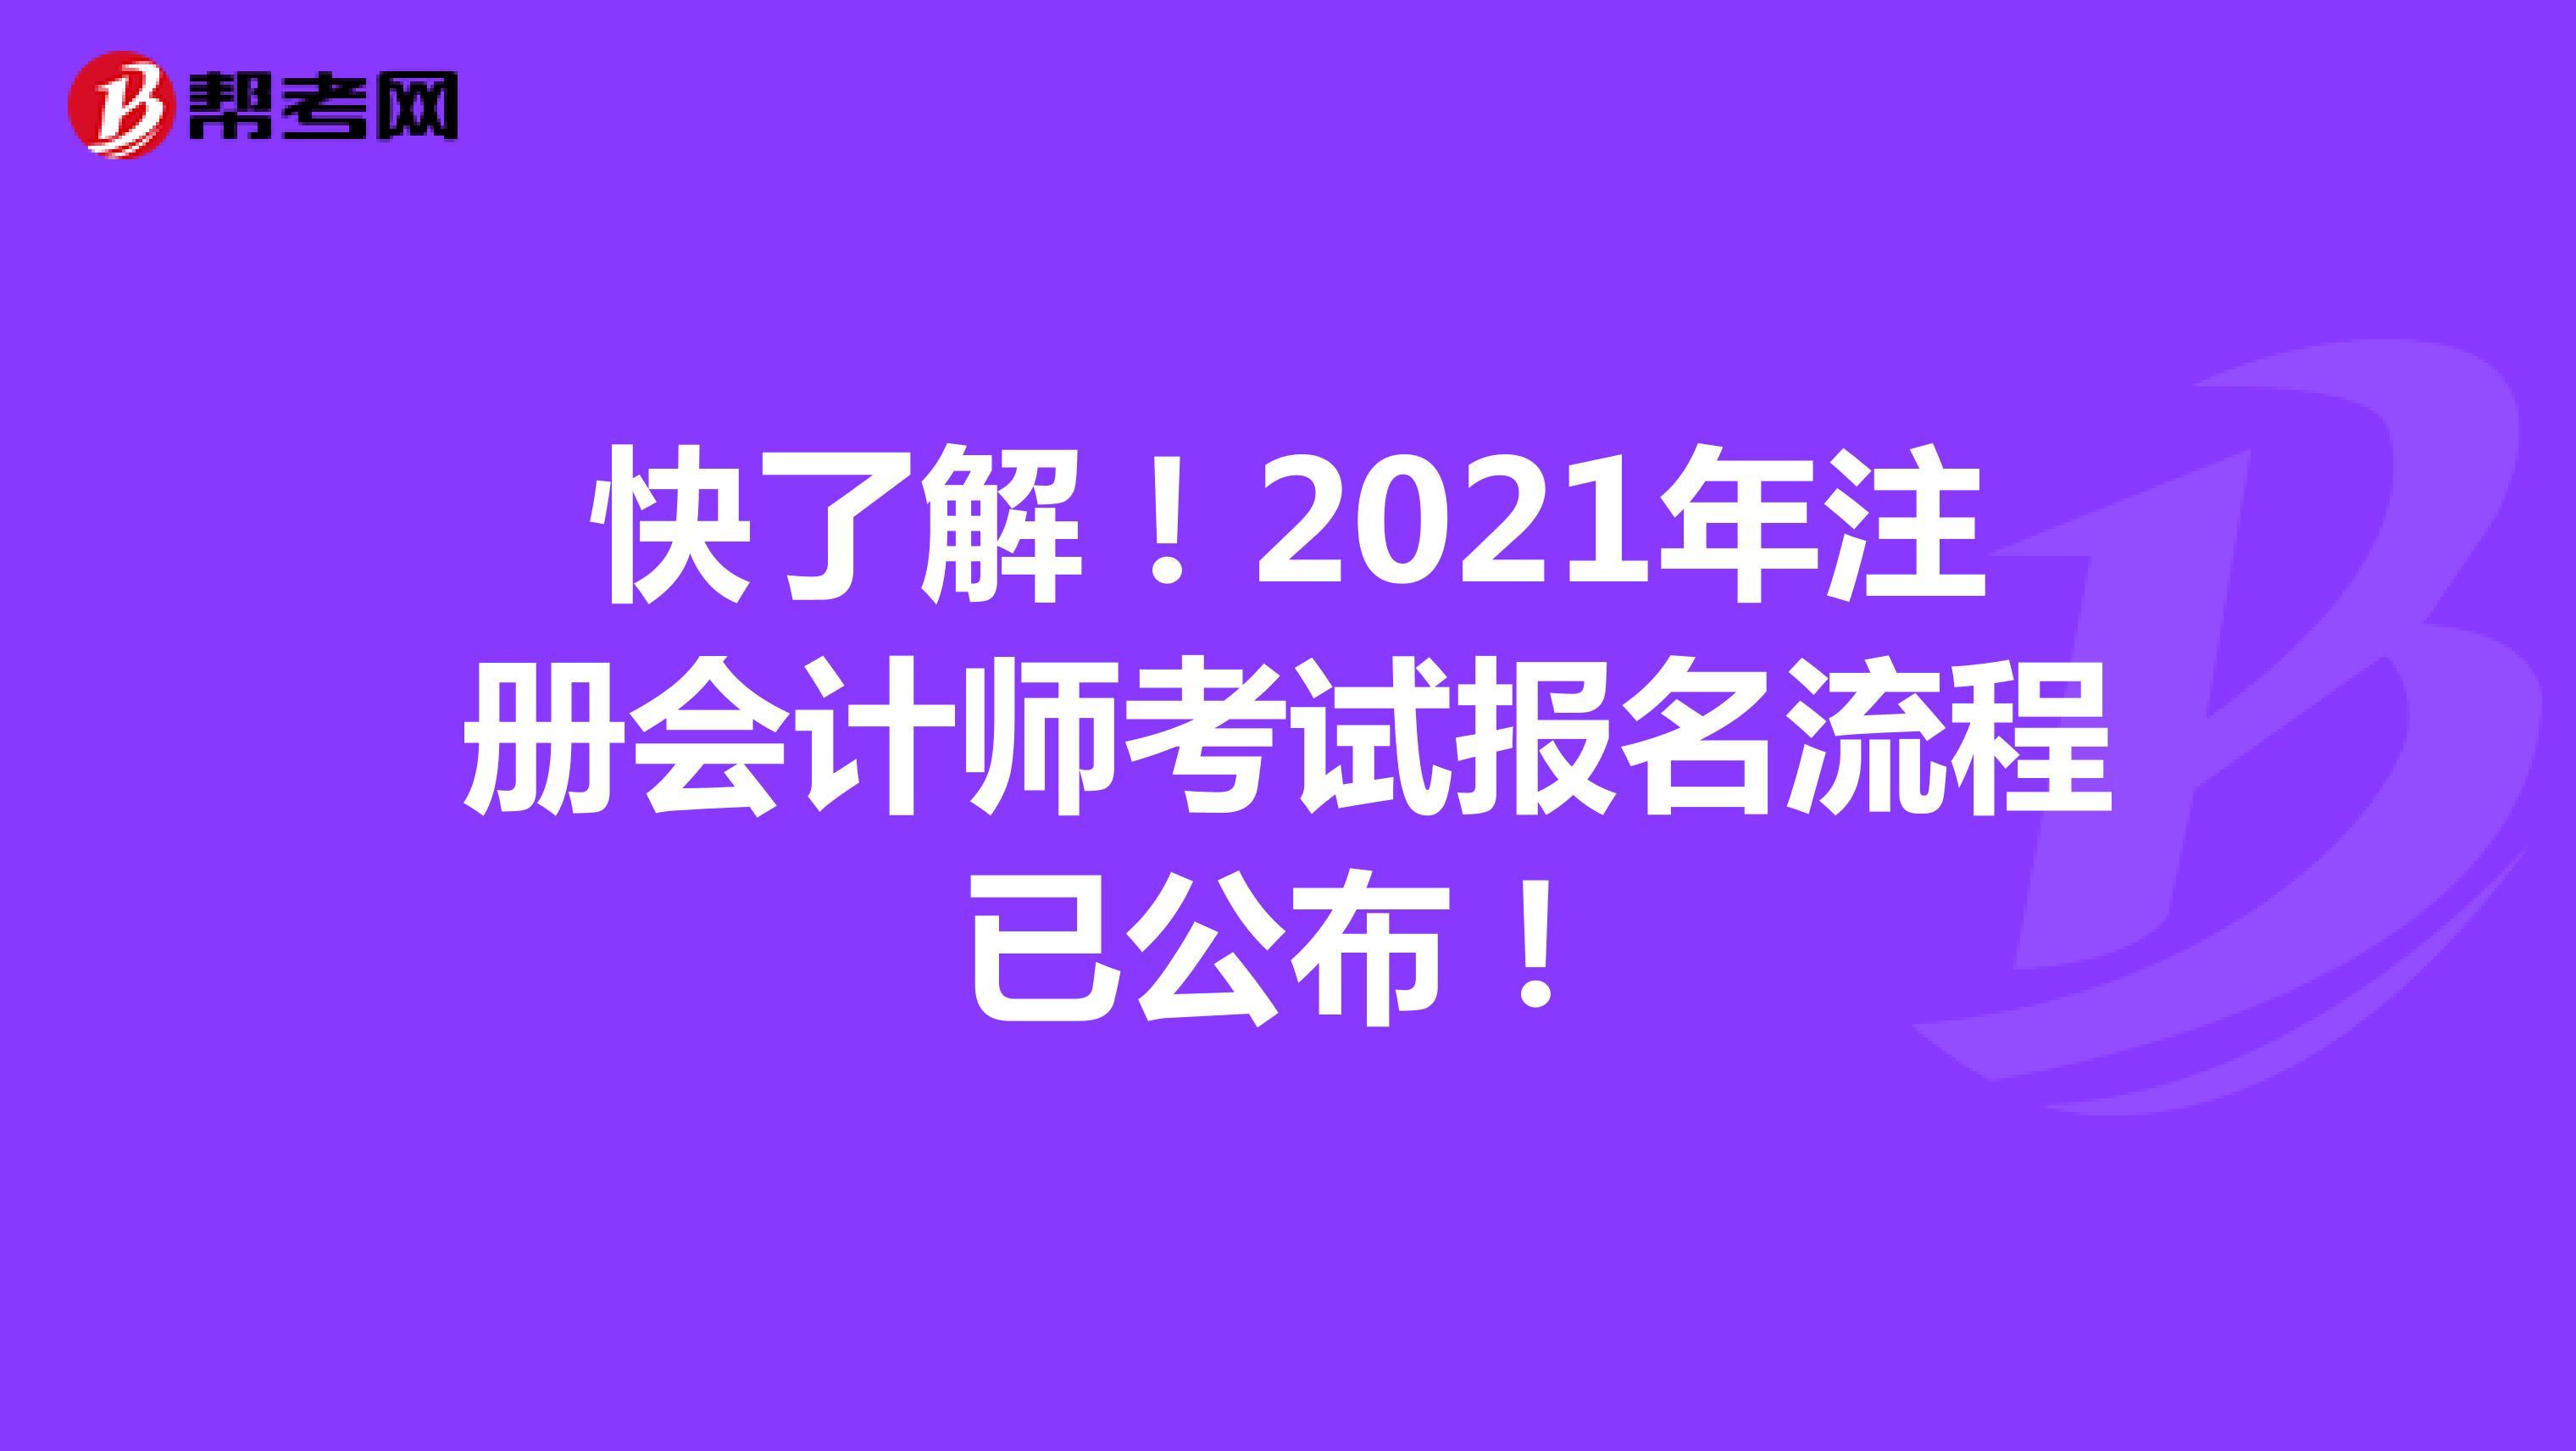 快了解!2021年【hot88热竞技提款】注册会计师考试报名流程已公布!